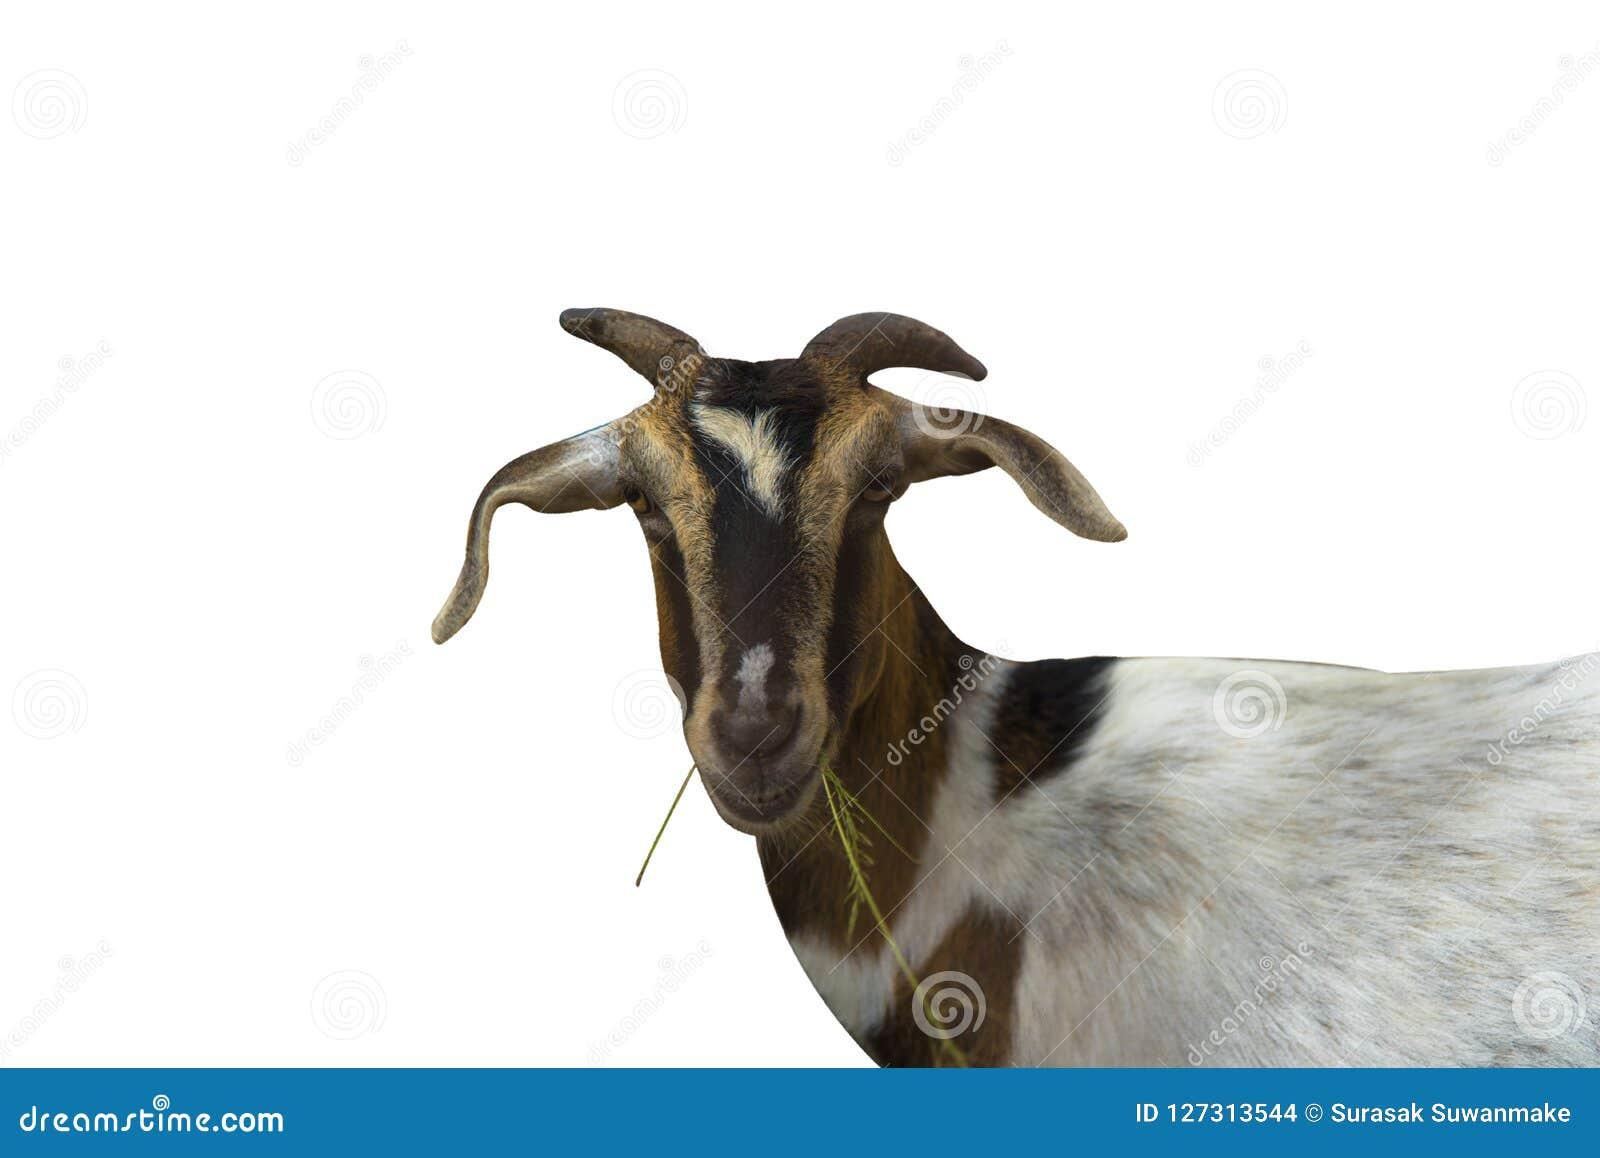 La cabra come en el contexto blanco usado para organizar elementos